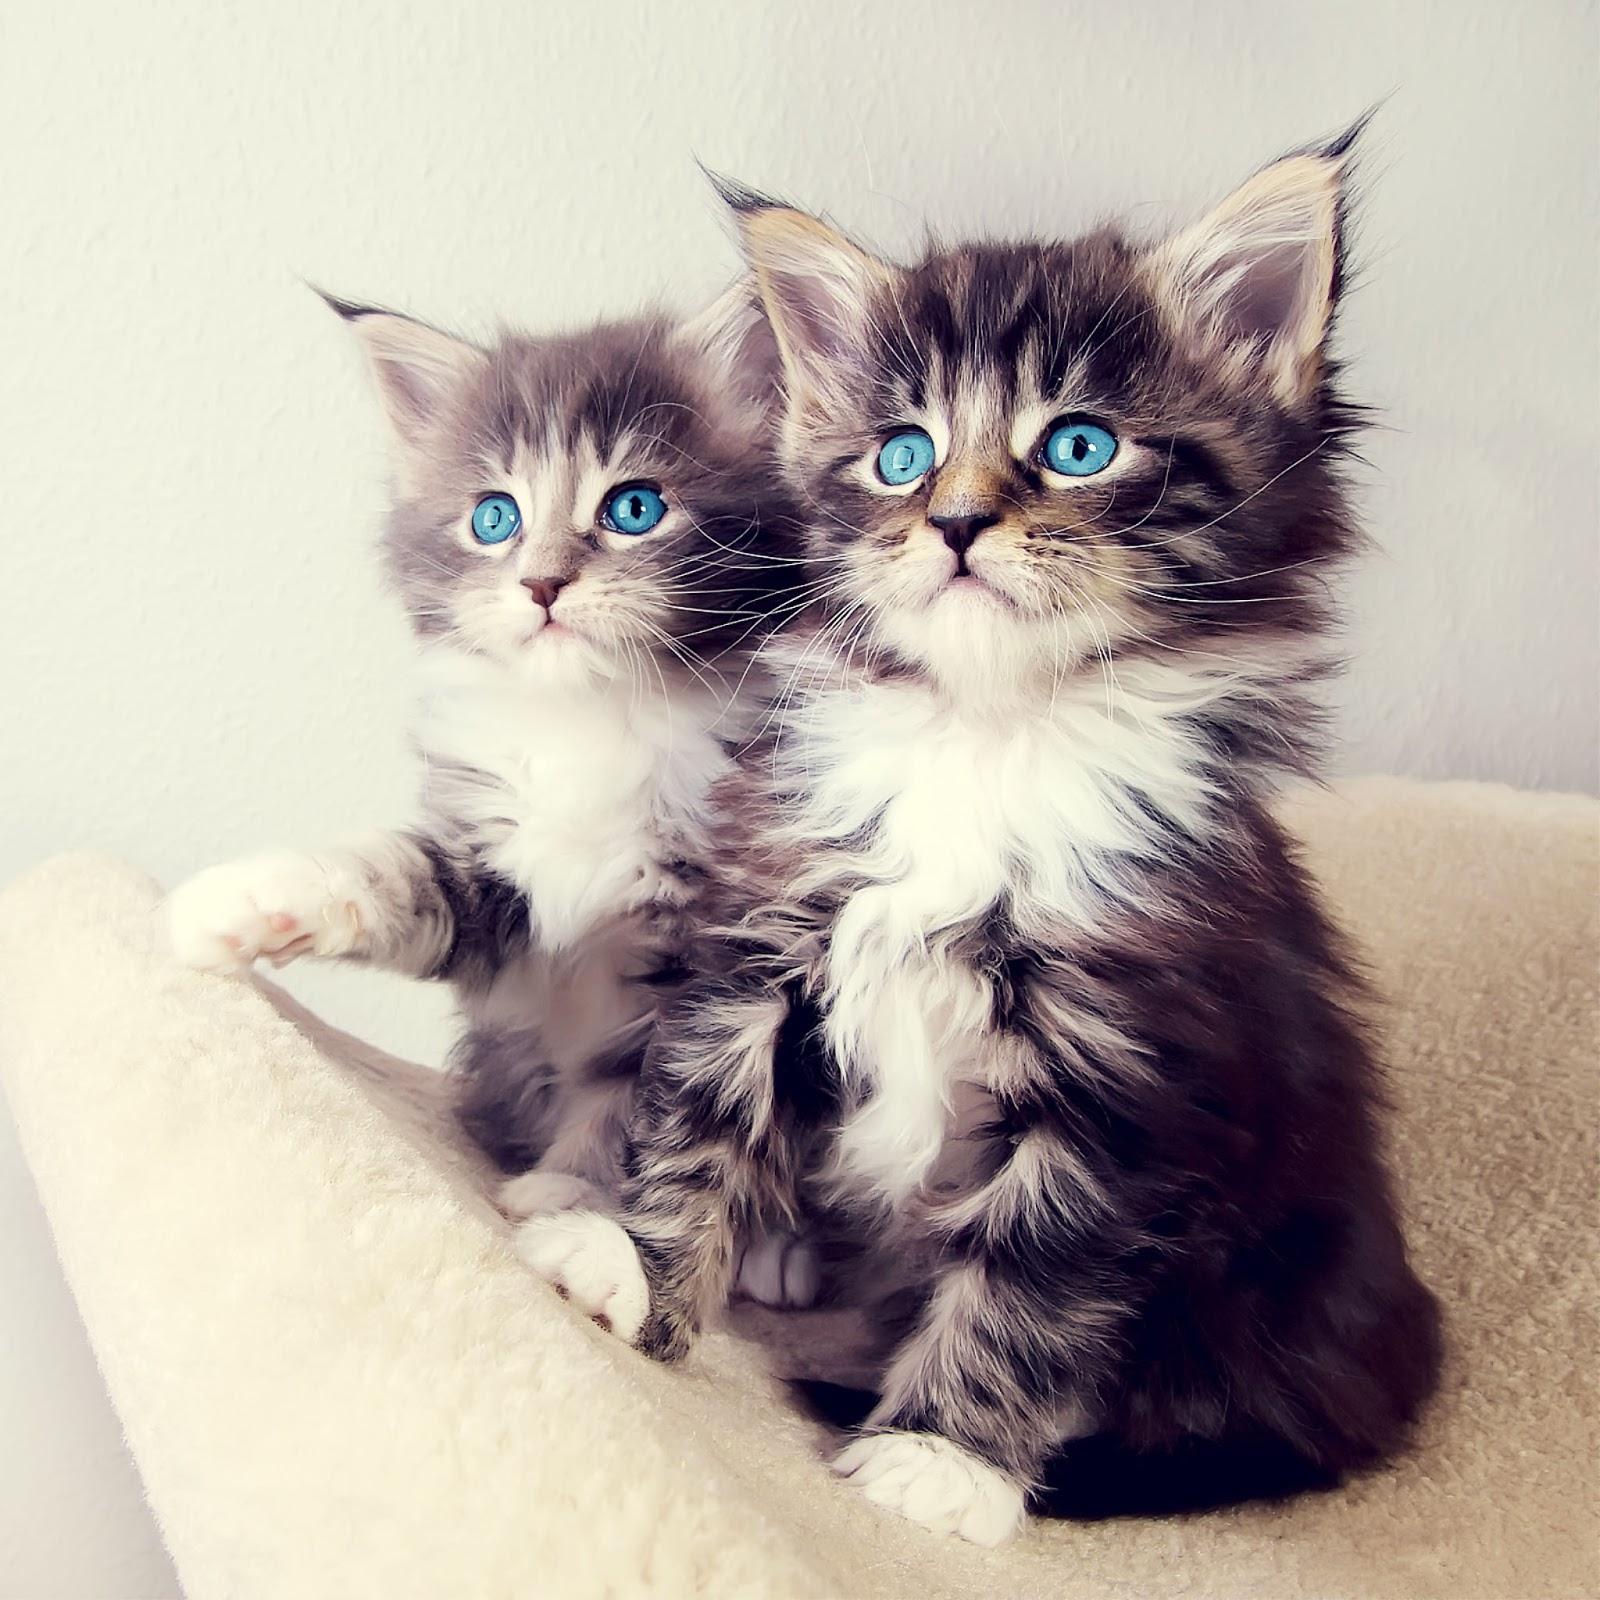 صور اجمل صور قطط , خلفيات لاحلى القطط